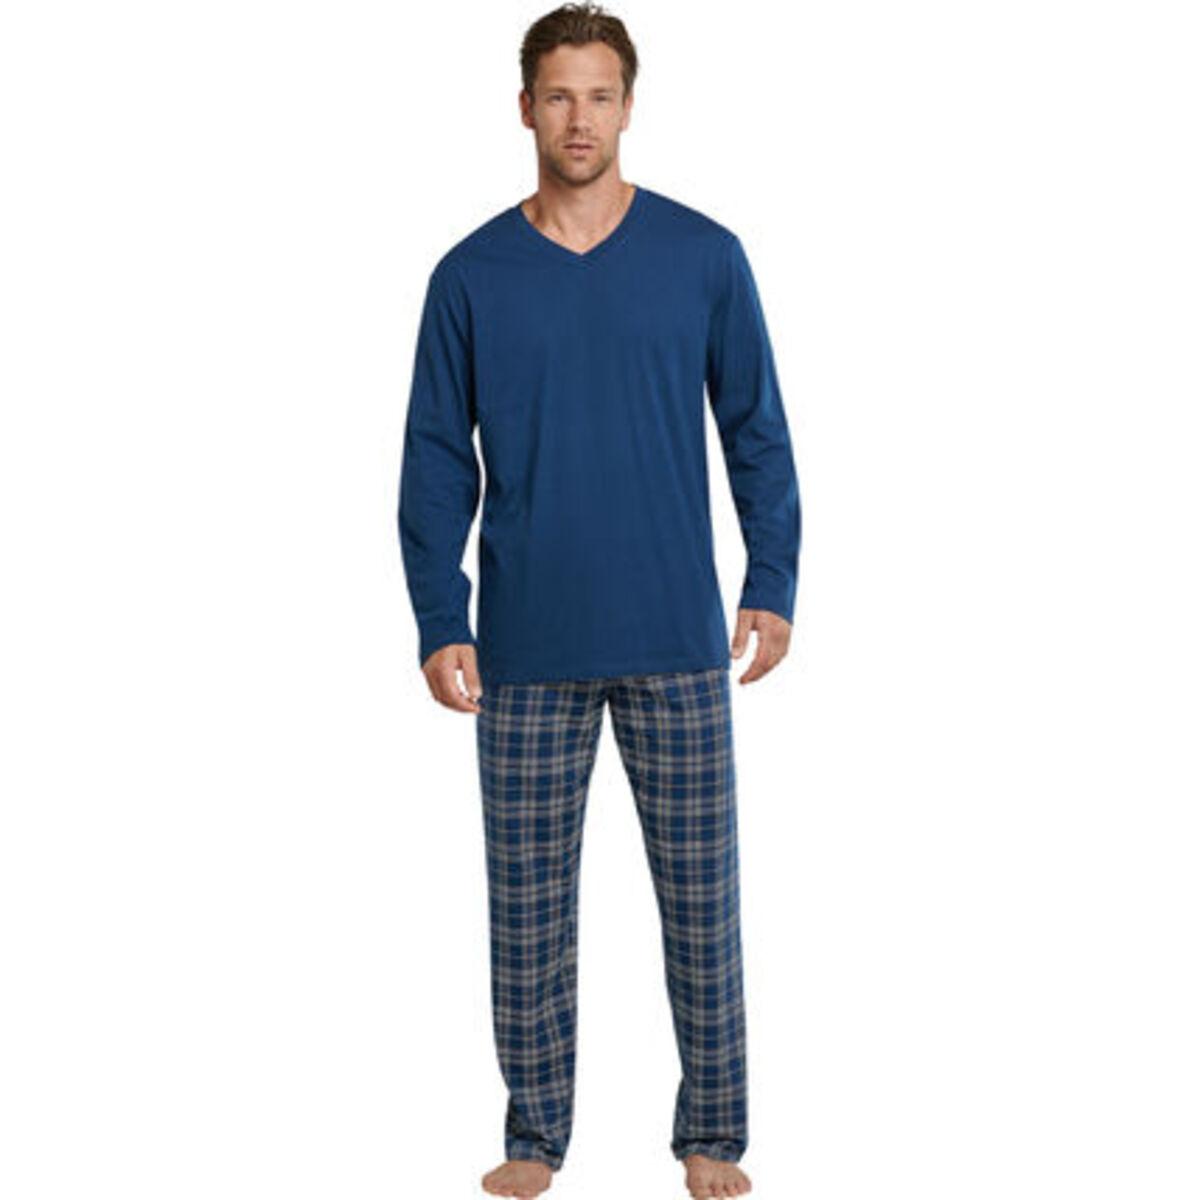 Bild 1 von Schiesser Schlafanzug, lang, Karohose, Baumwolle, für Herren